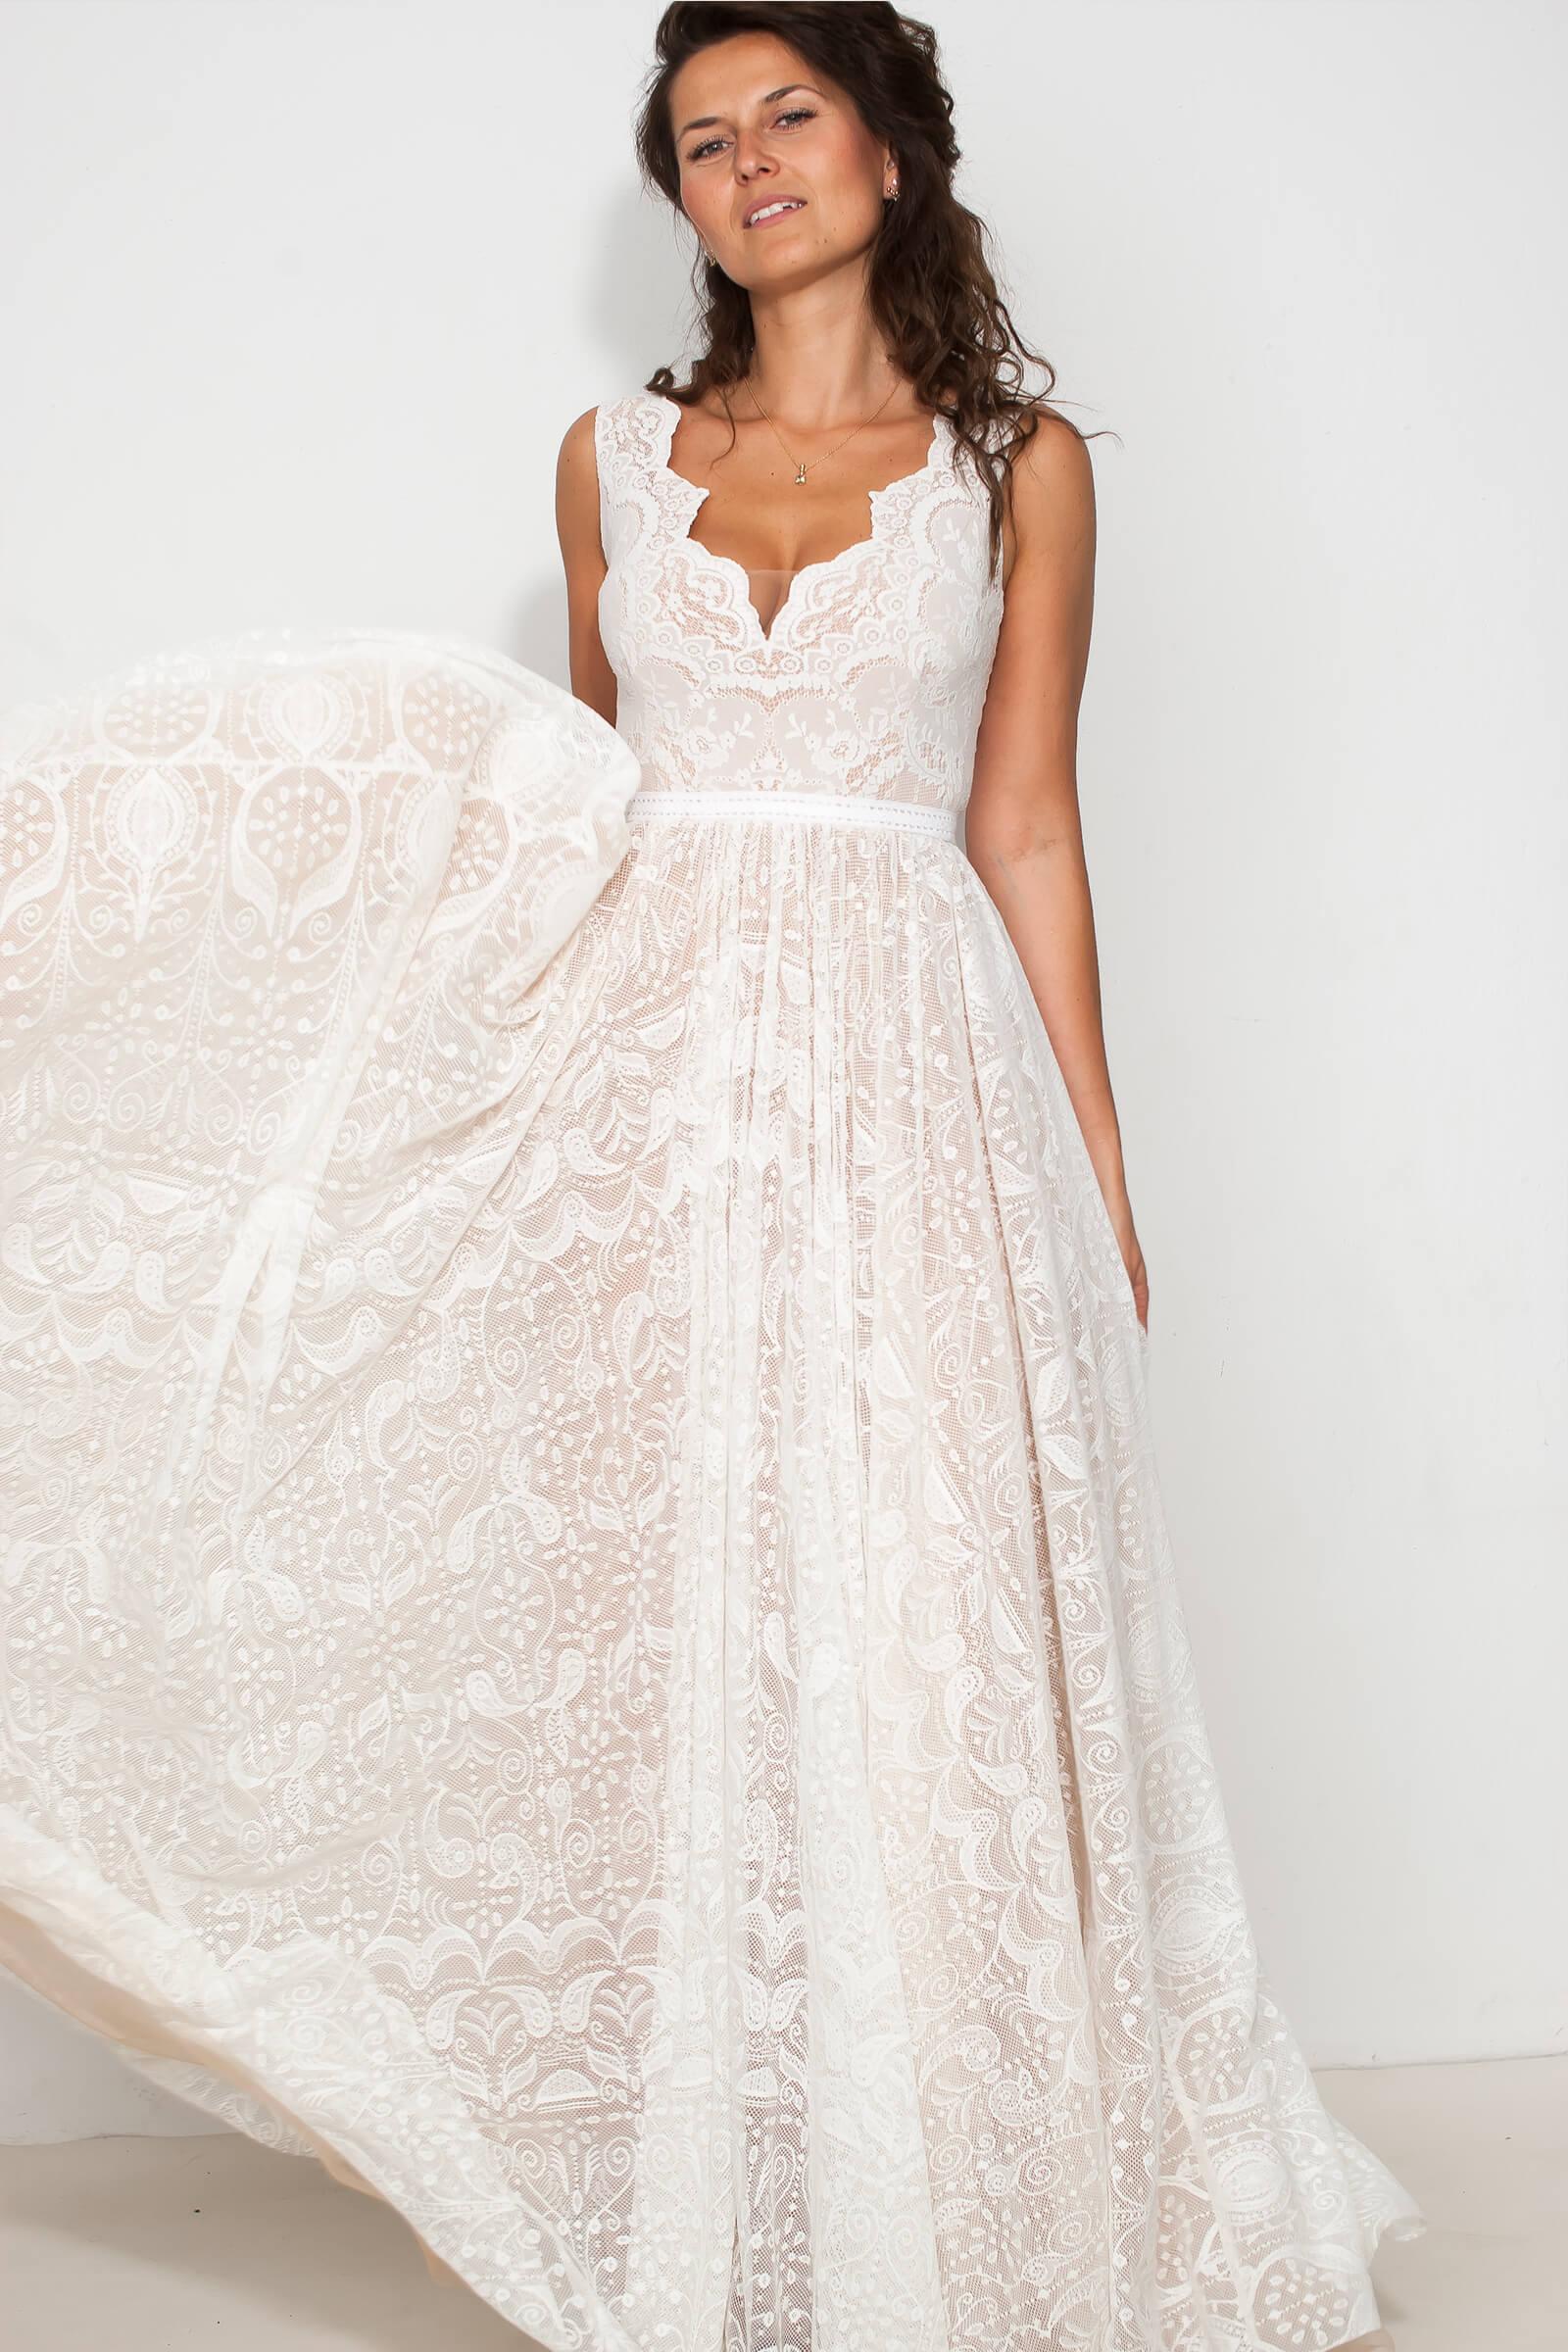 Piękna suknia ślubna z szerokimi ramiączkami.